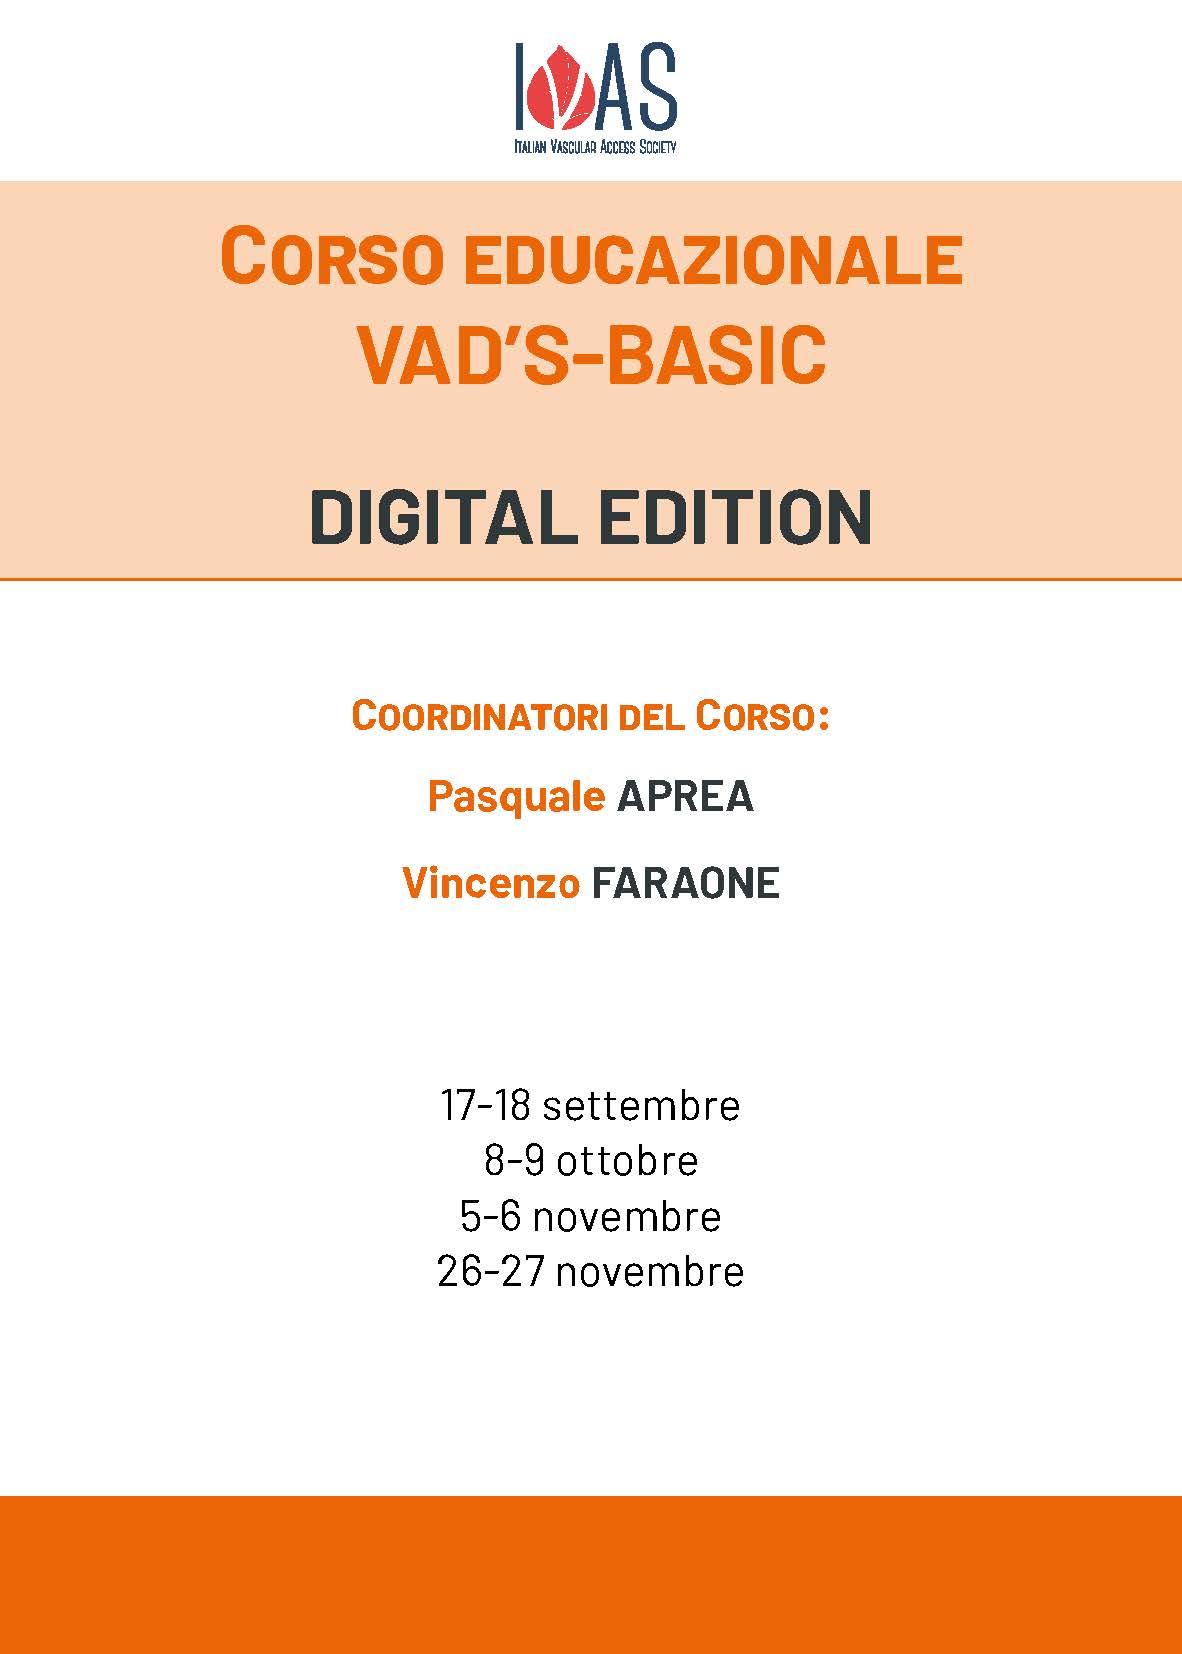 Corso educazionale VAD'S-BASIC – Coordinatori: P. Aprea, V. Faraone